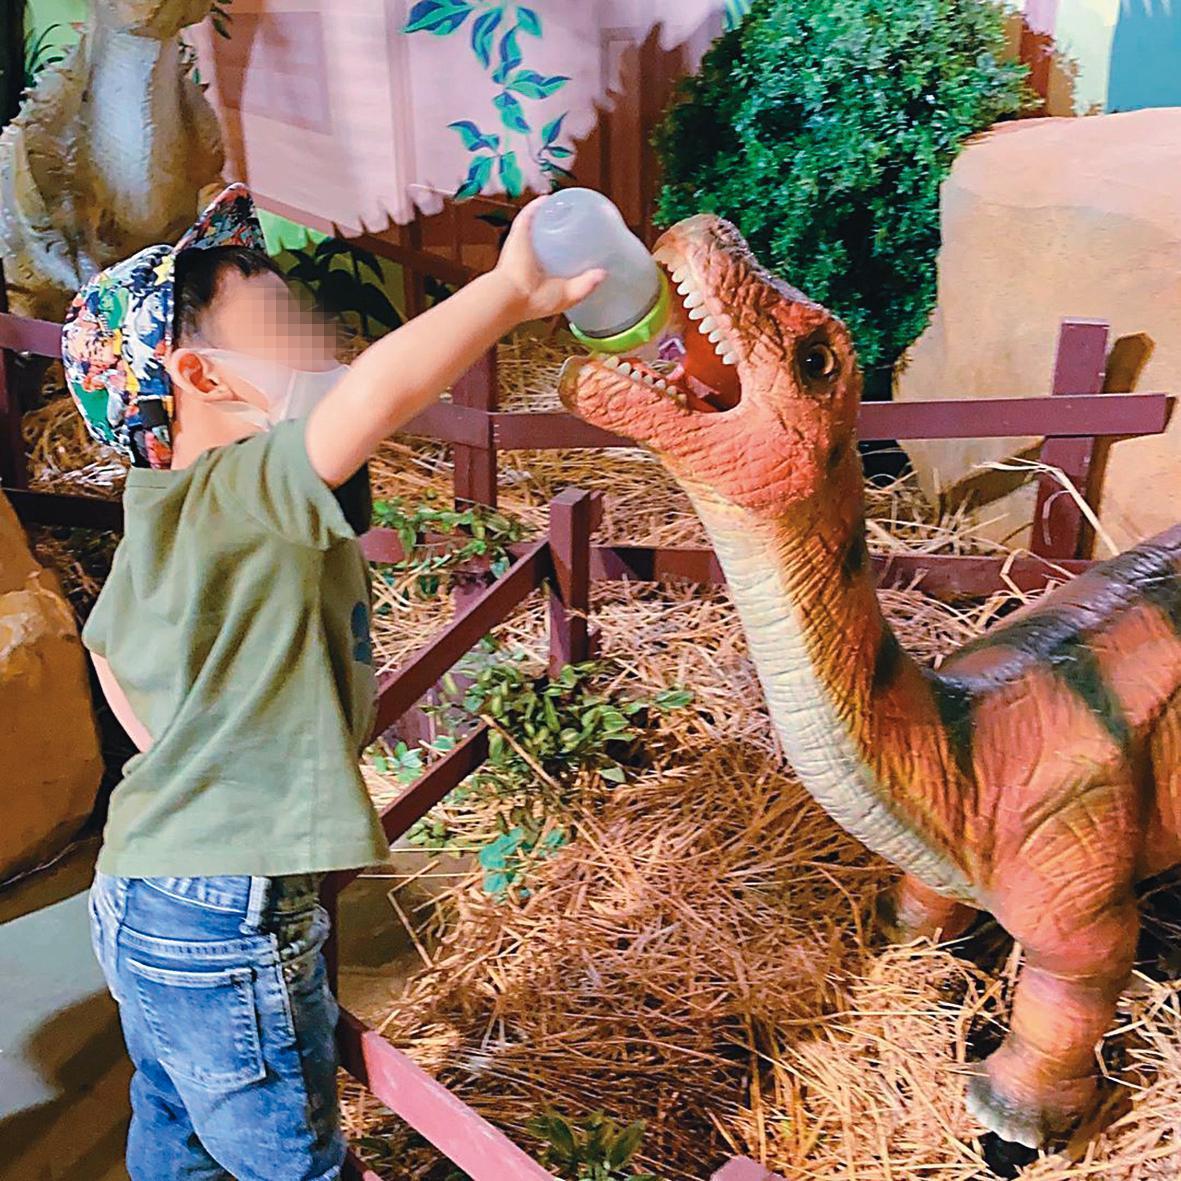 上個月吳佩慈帶著4名子女回台,因台灣疫情穩定,她帶小孩到兒童樂園玩。(翻攝自吳佩慈IG)